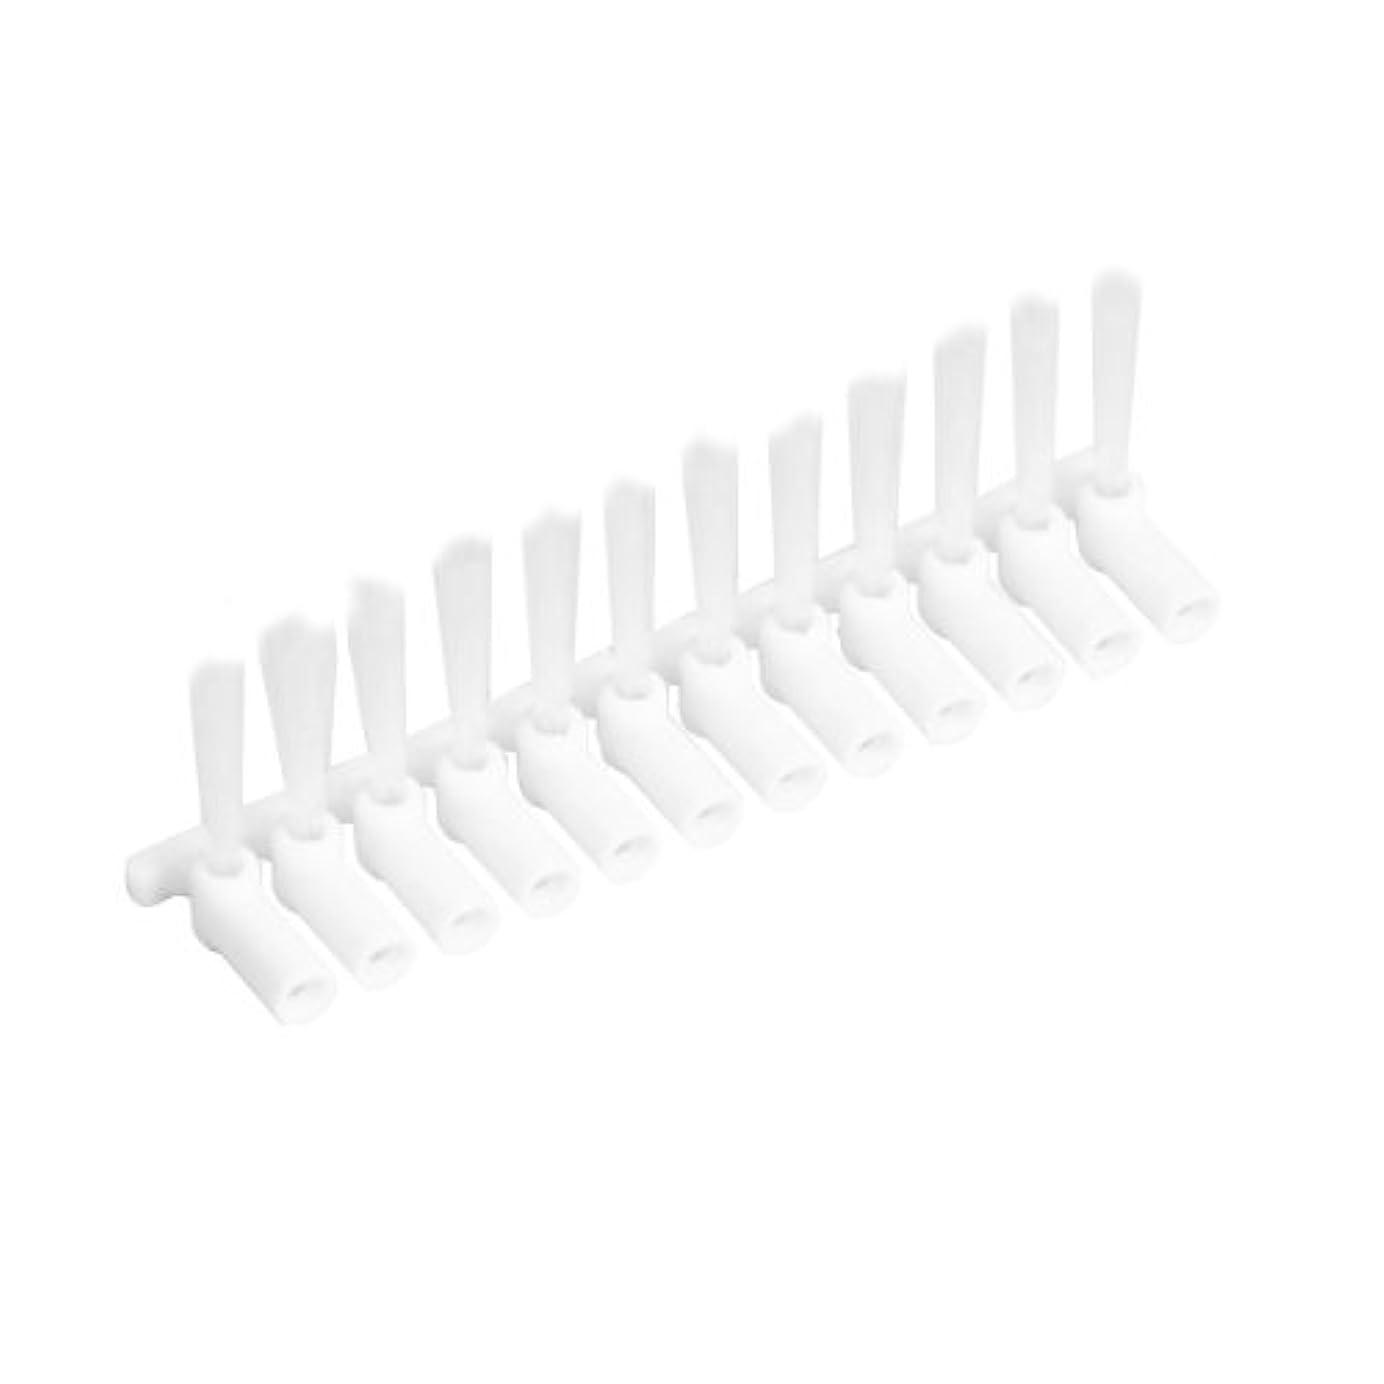 成功した発音混沌山善 電動歯間ブラシ デンタルペッカー専用替ブラシ 12本(専用保管ケース付) DPK-10